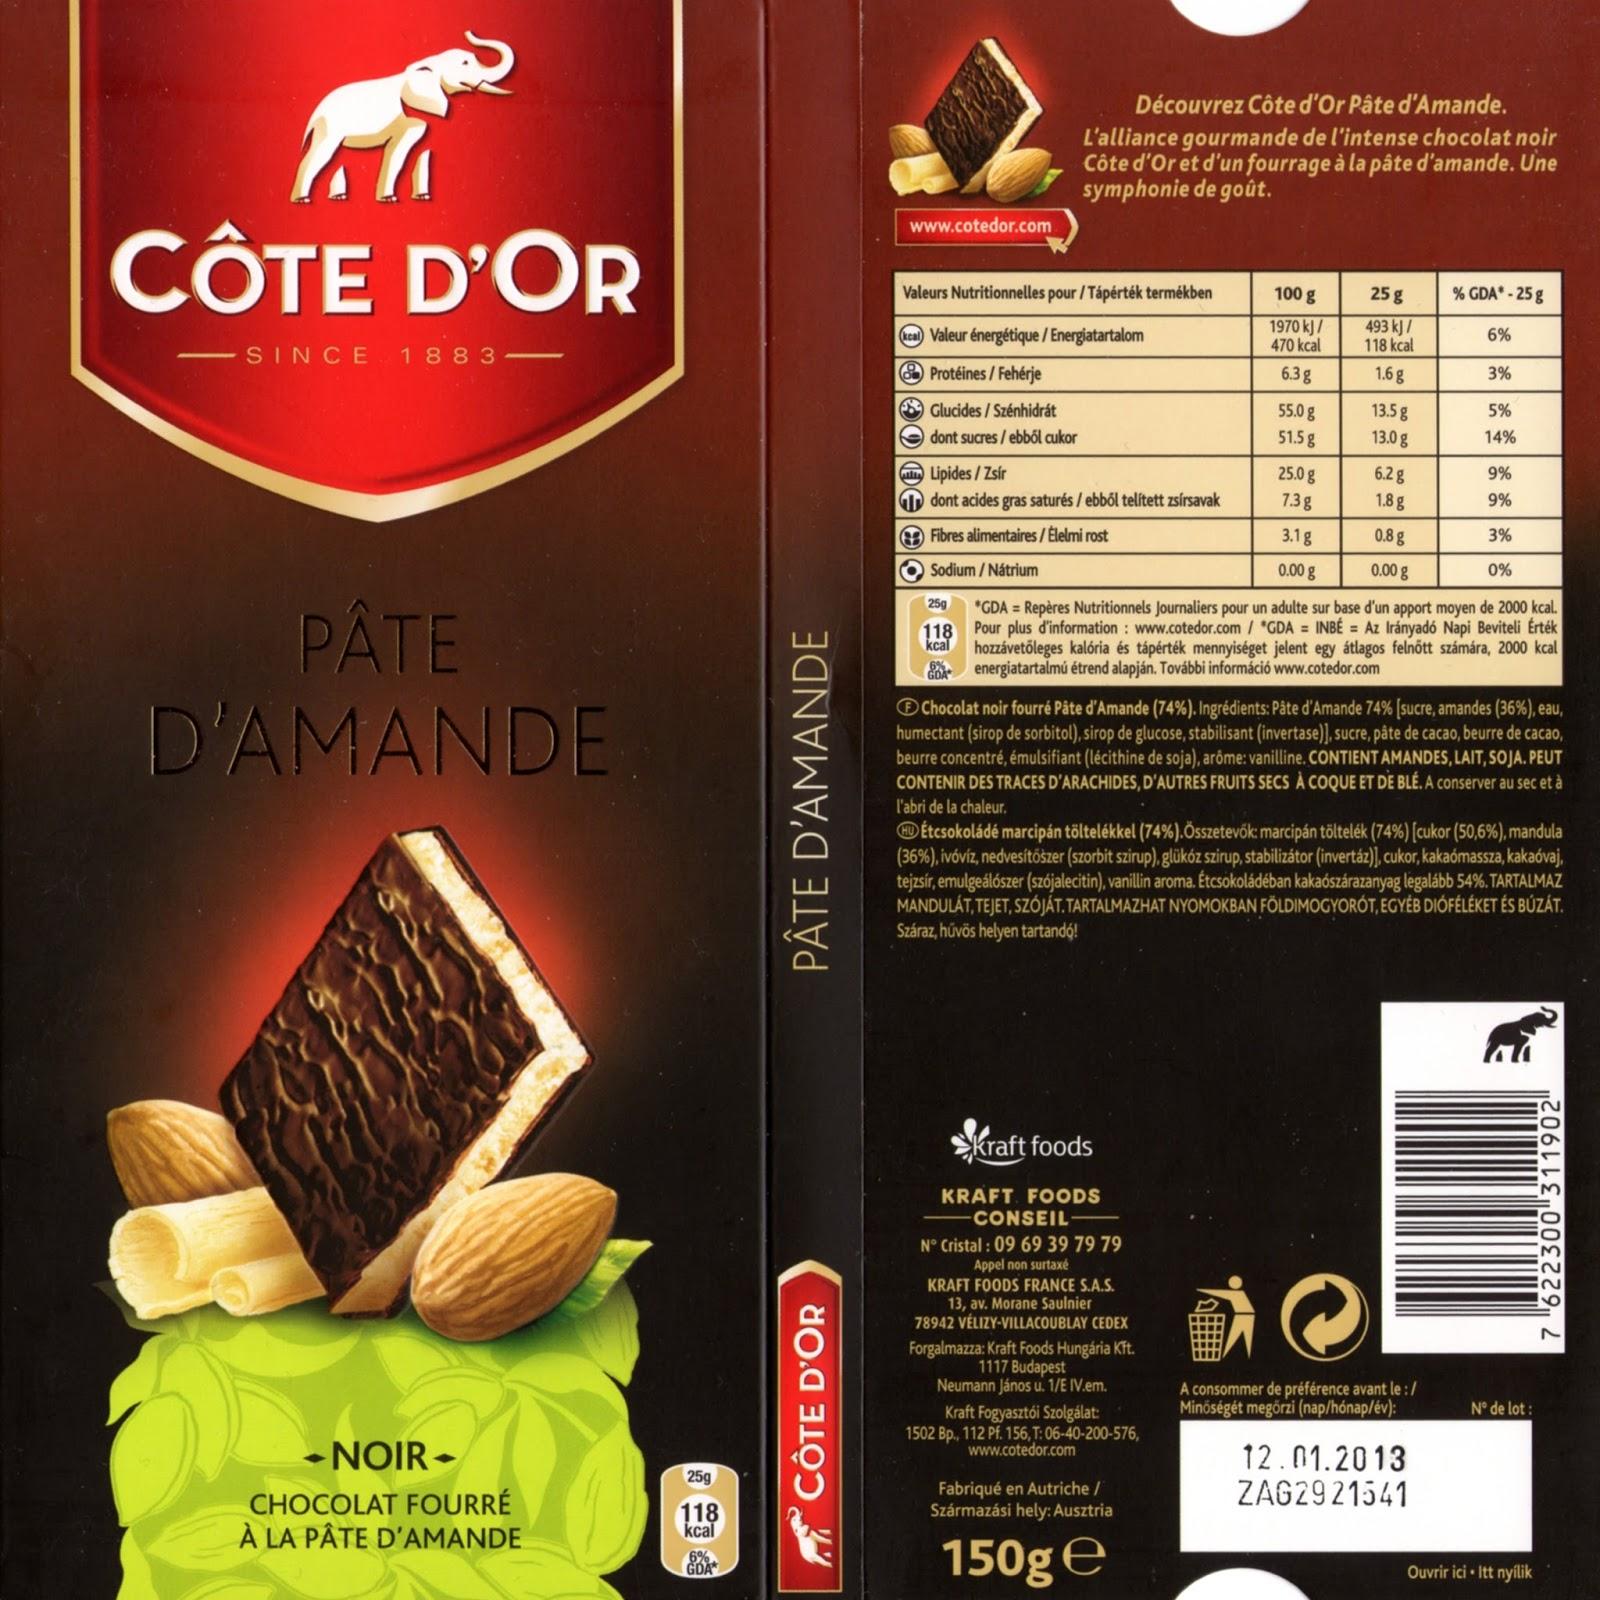 tablette de chocolat noir fourré côte d'or pâte d'amande